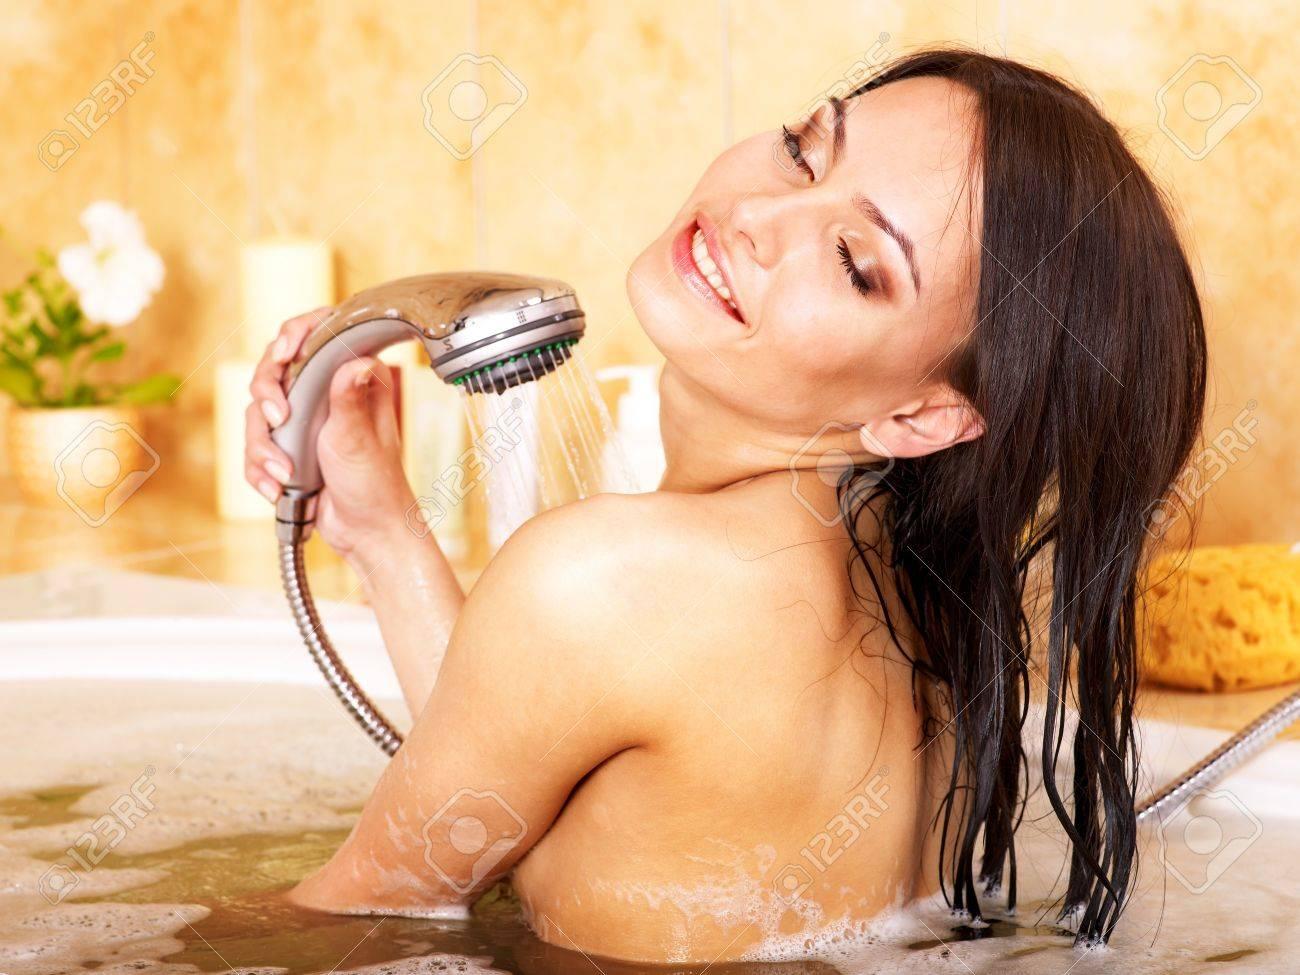 Young woman take bubble  bath. Stock Photo - 9899439